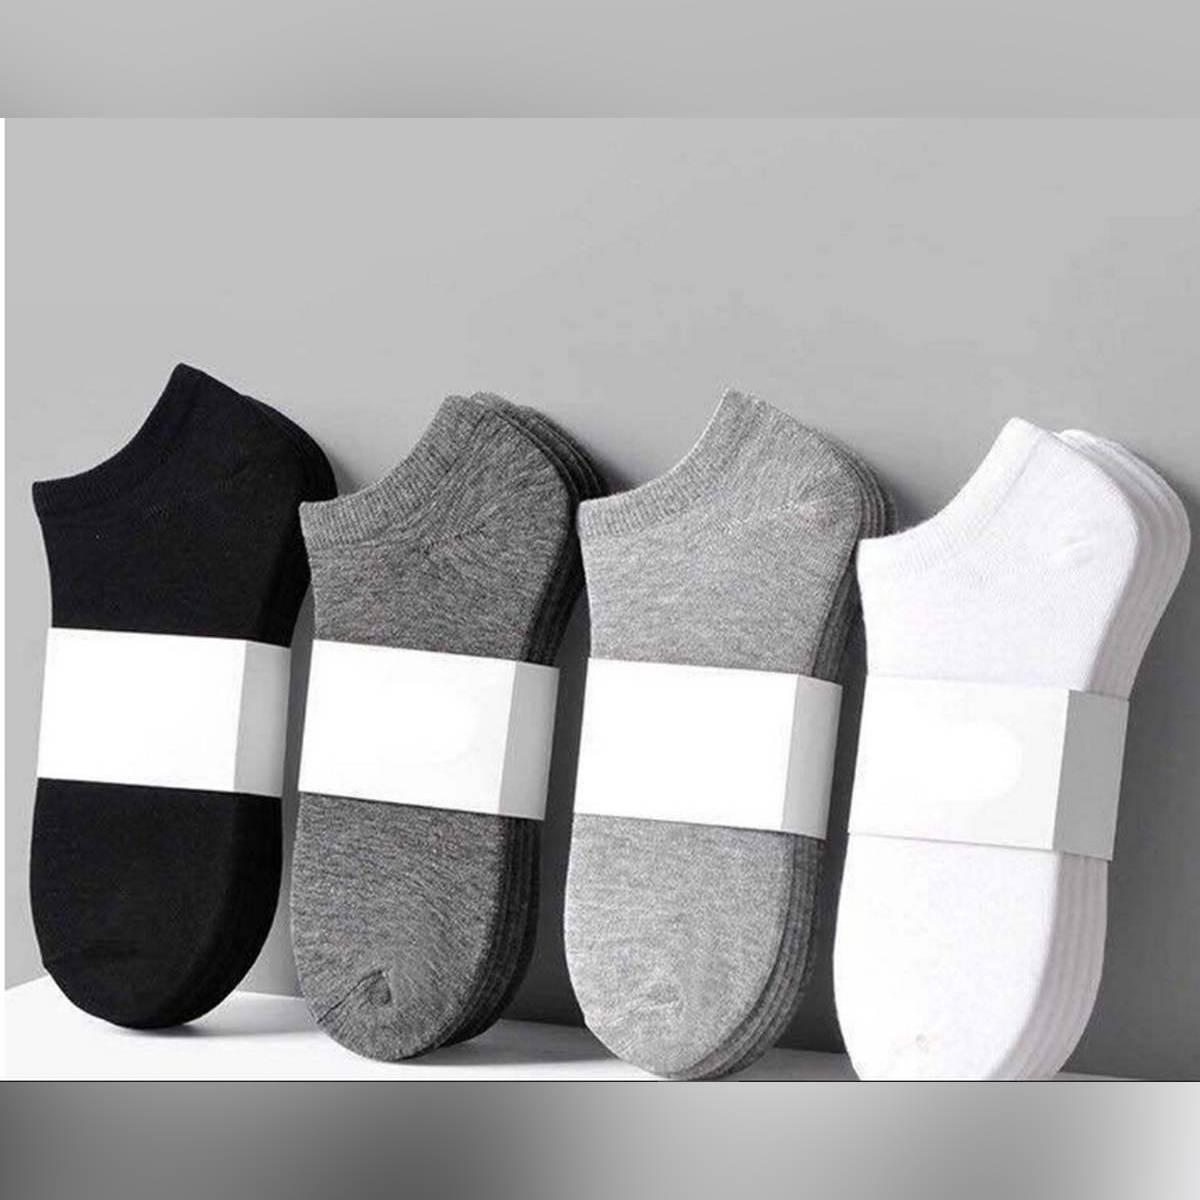 PAIRS OF 5 - SOCKS FOR MEN - Ankle socks no-show socks for men and women winter socks